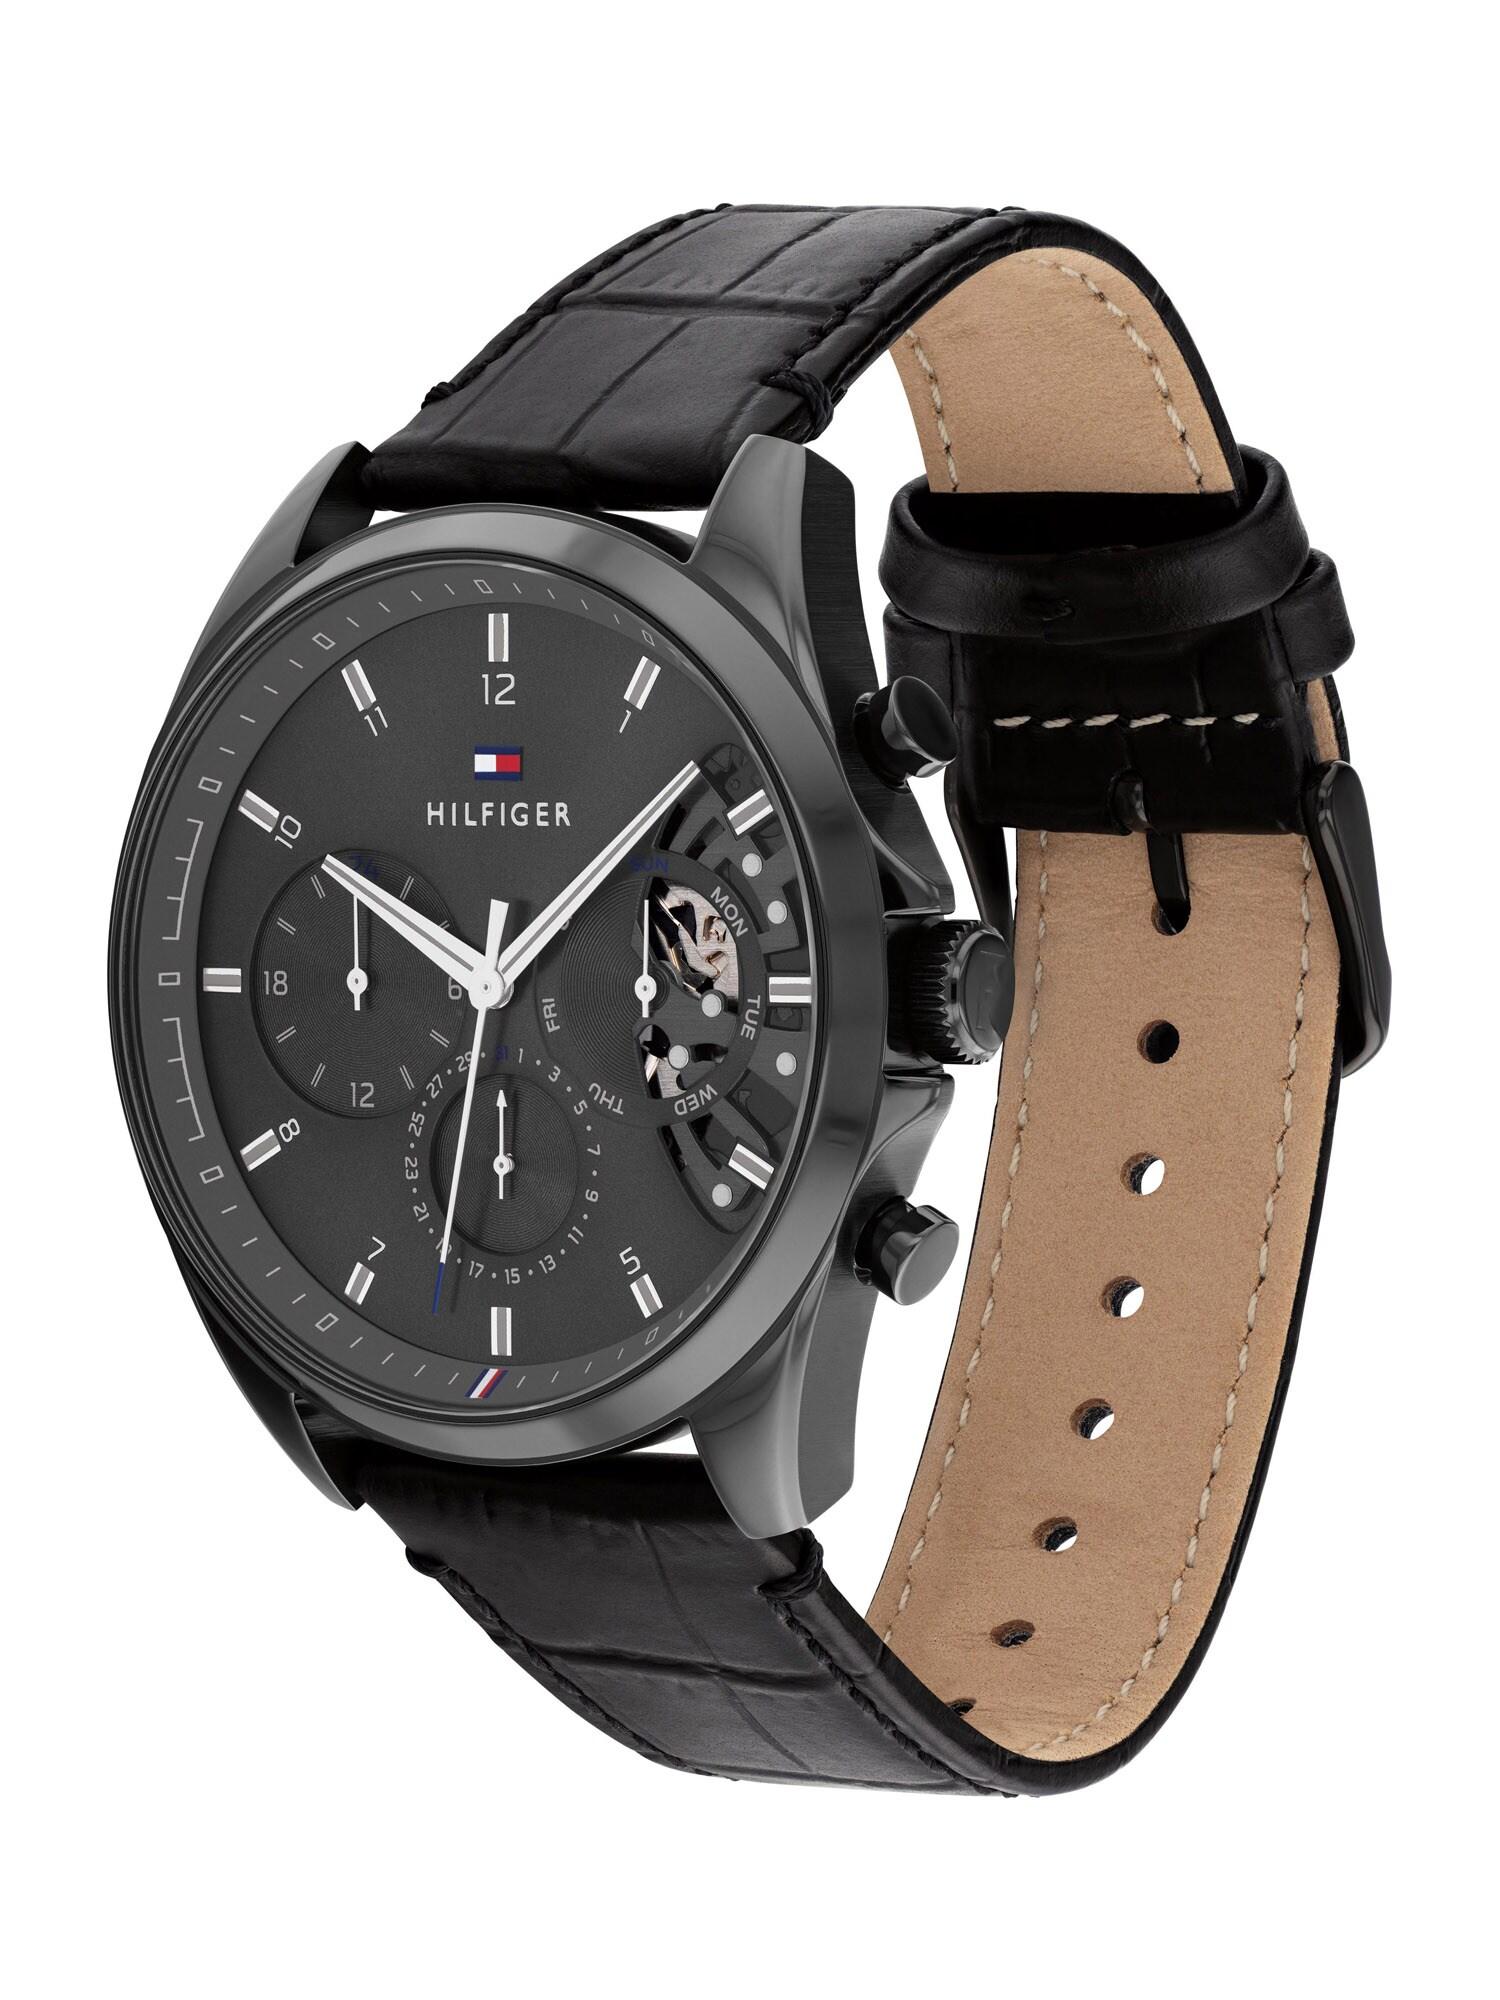 TOMMY HILFIGER Analoginis (įprasto dizaino) laikrodis juoda / šviesiai pilka / balta / tamsiai mėlyna / raudona